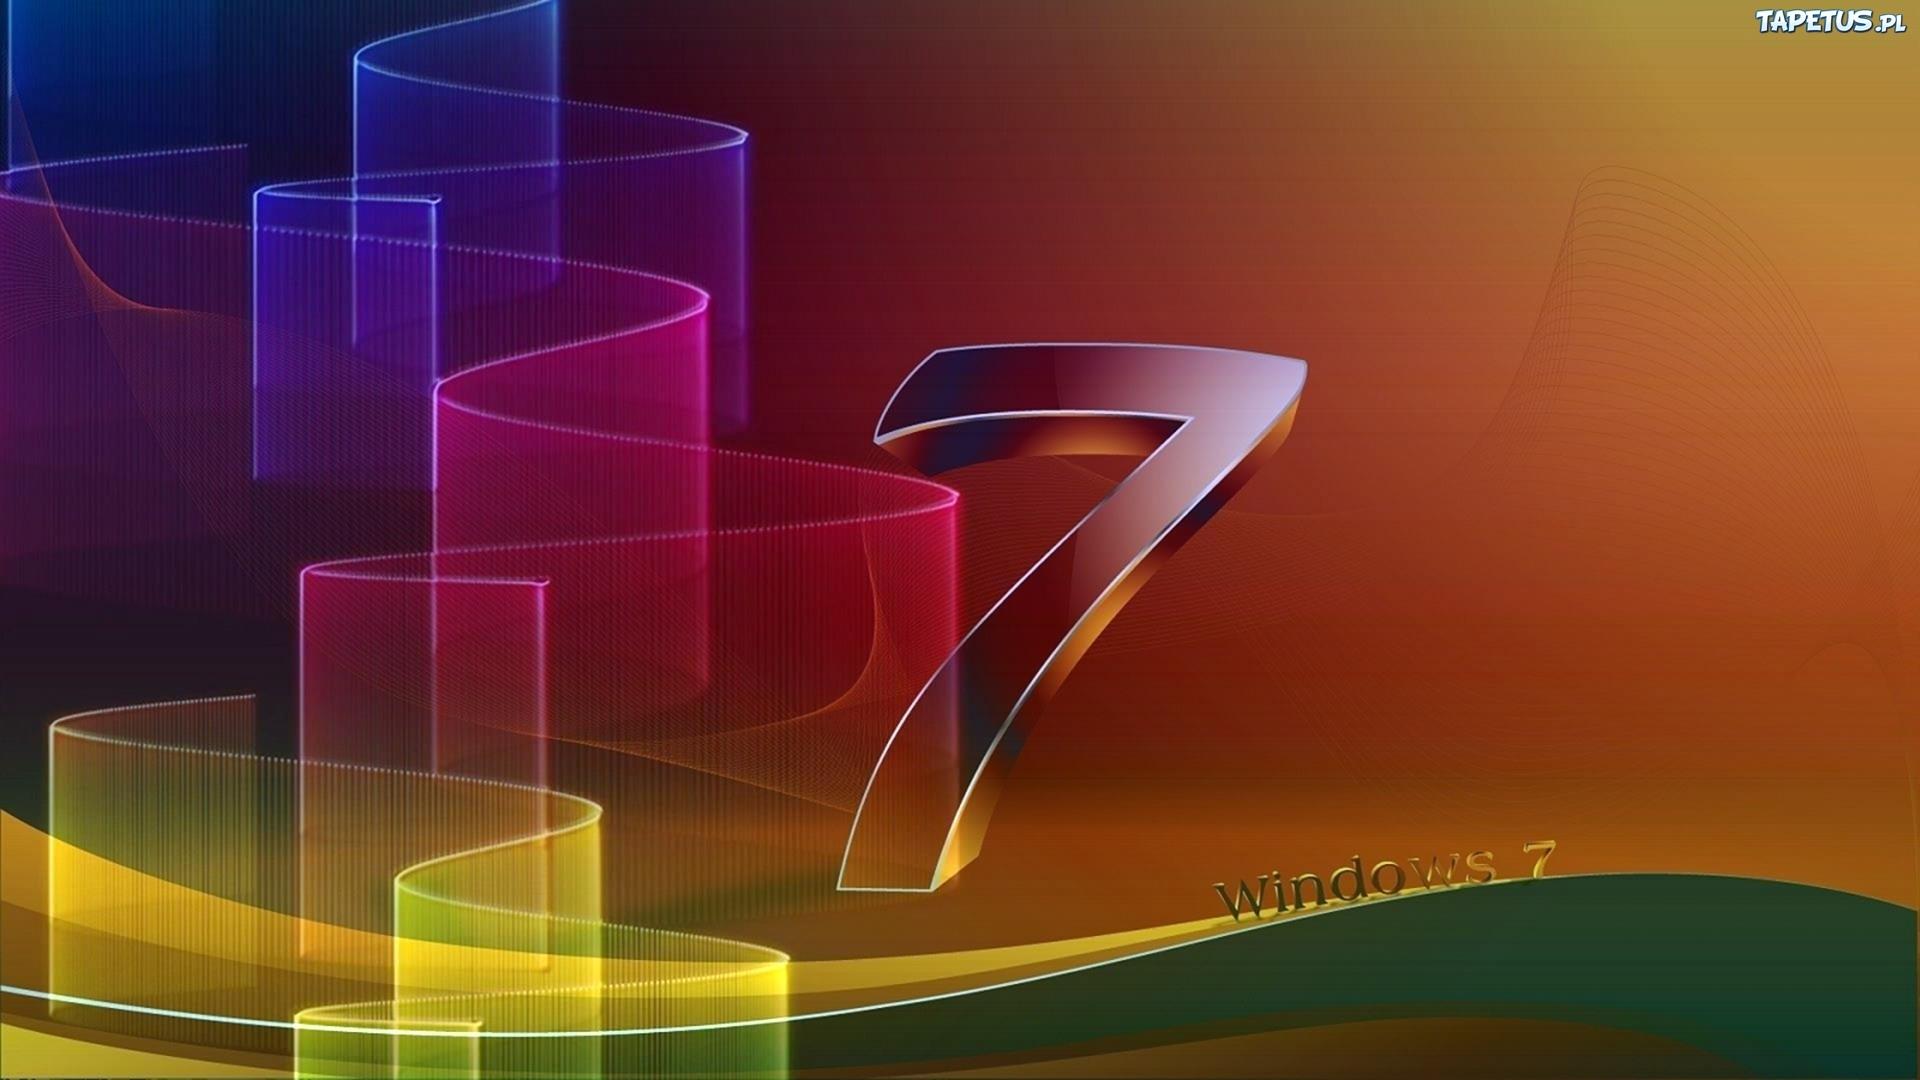 СКРИНМЭЙТ НА РАБОЧИЙ СТОЛ ДЛЯ WINDOWS 7 СКАЧАТЬ БЕСПЛАТНО